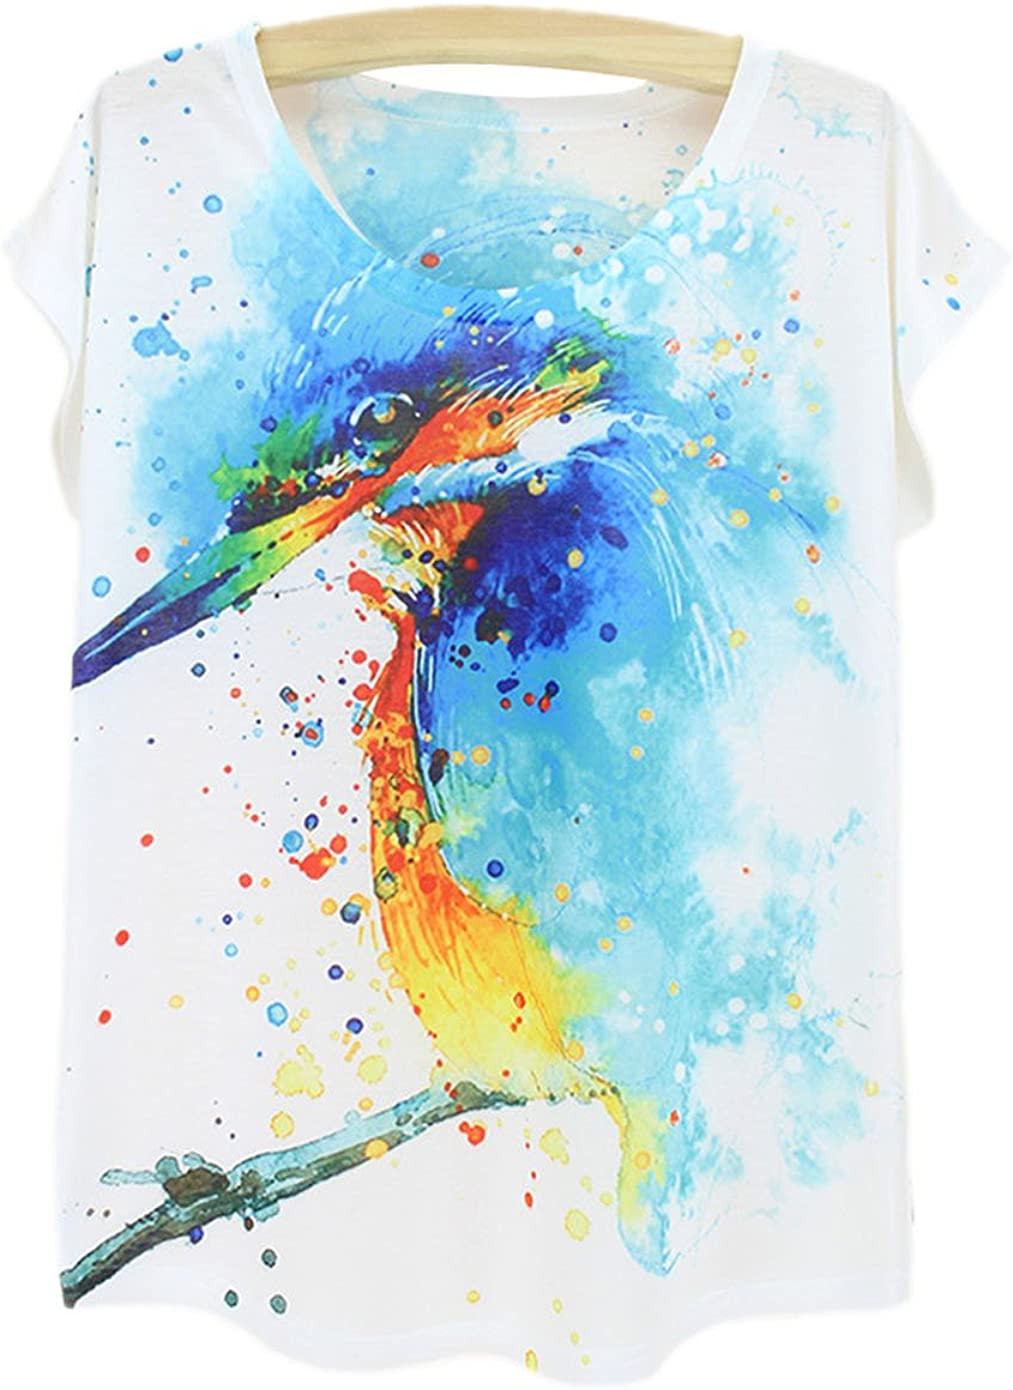 YueLian el Patrón de Camisetas de Manga Corta de Impresión Digital Aves de Graffiti Dibujo para los Mujers(pájaro): Amazon.es: Ropa y accesorios